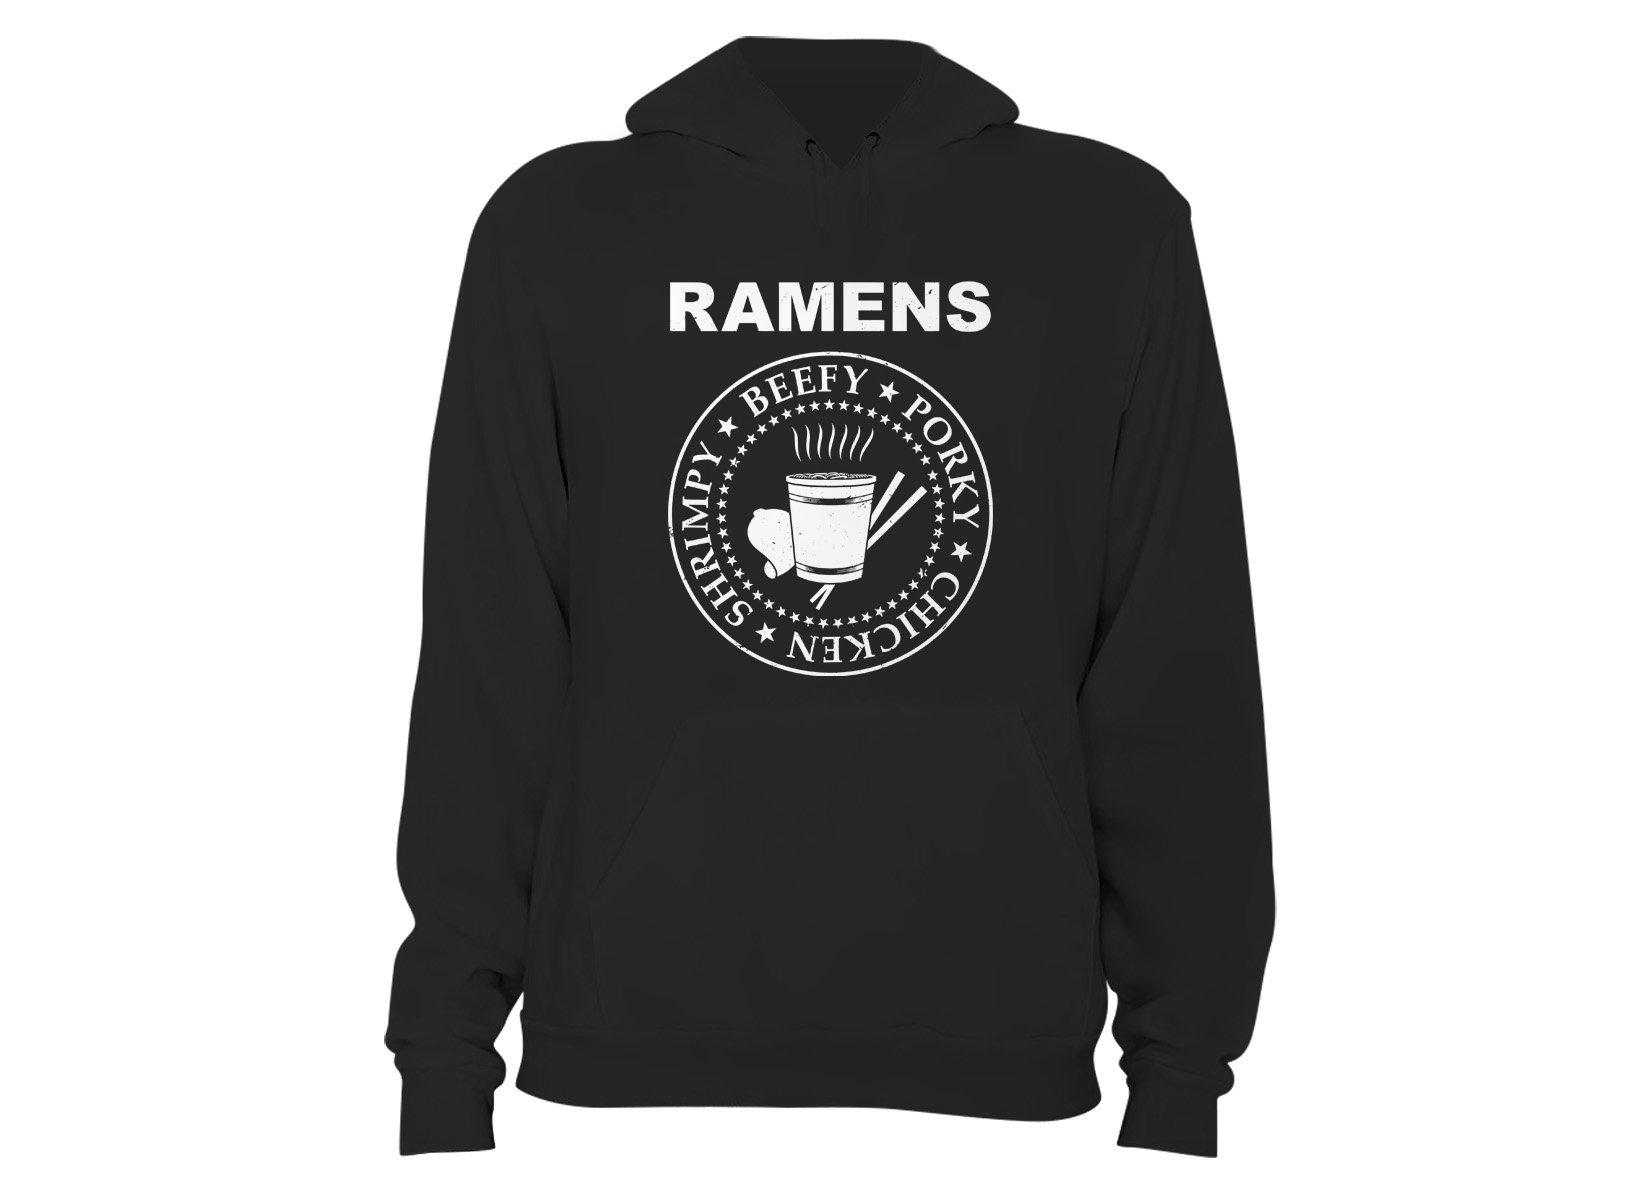 Ramens on Hoodie